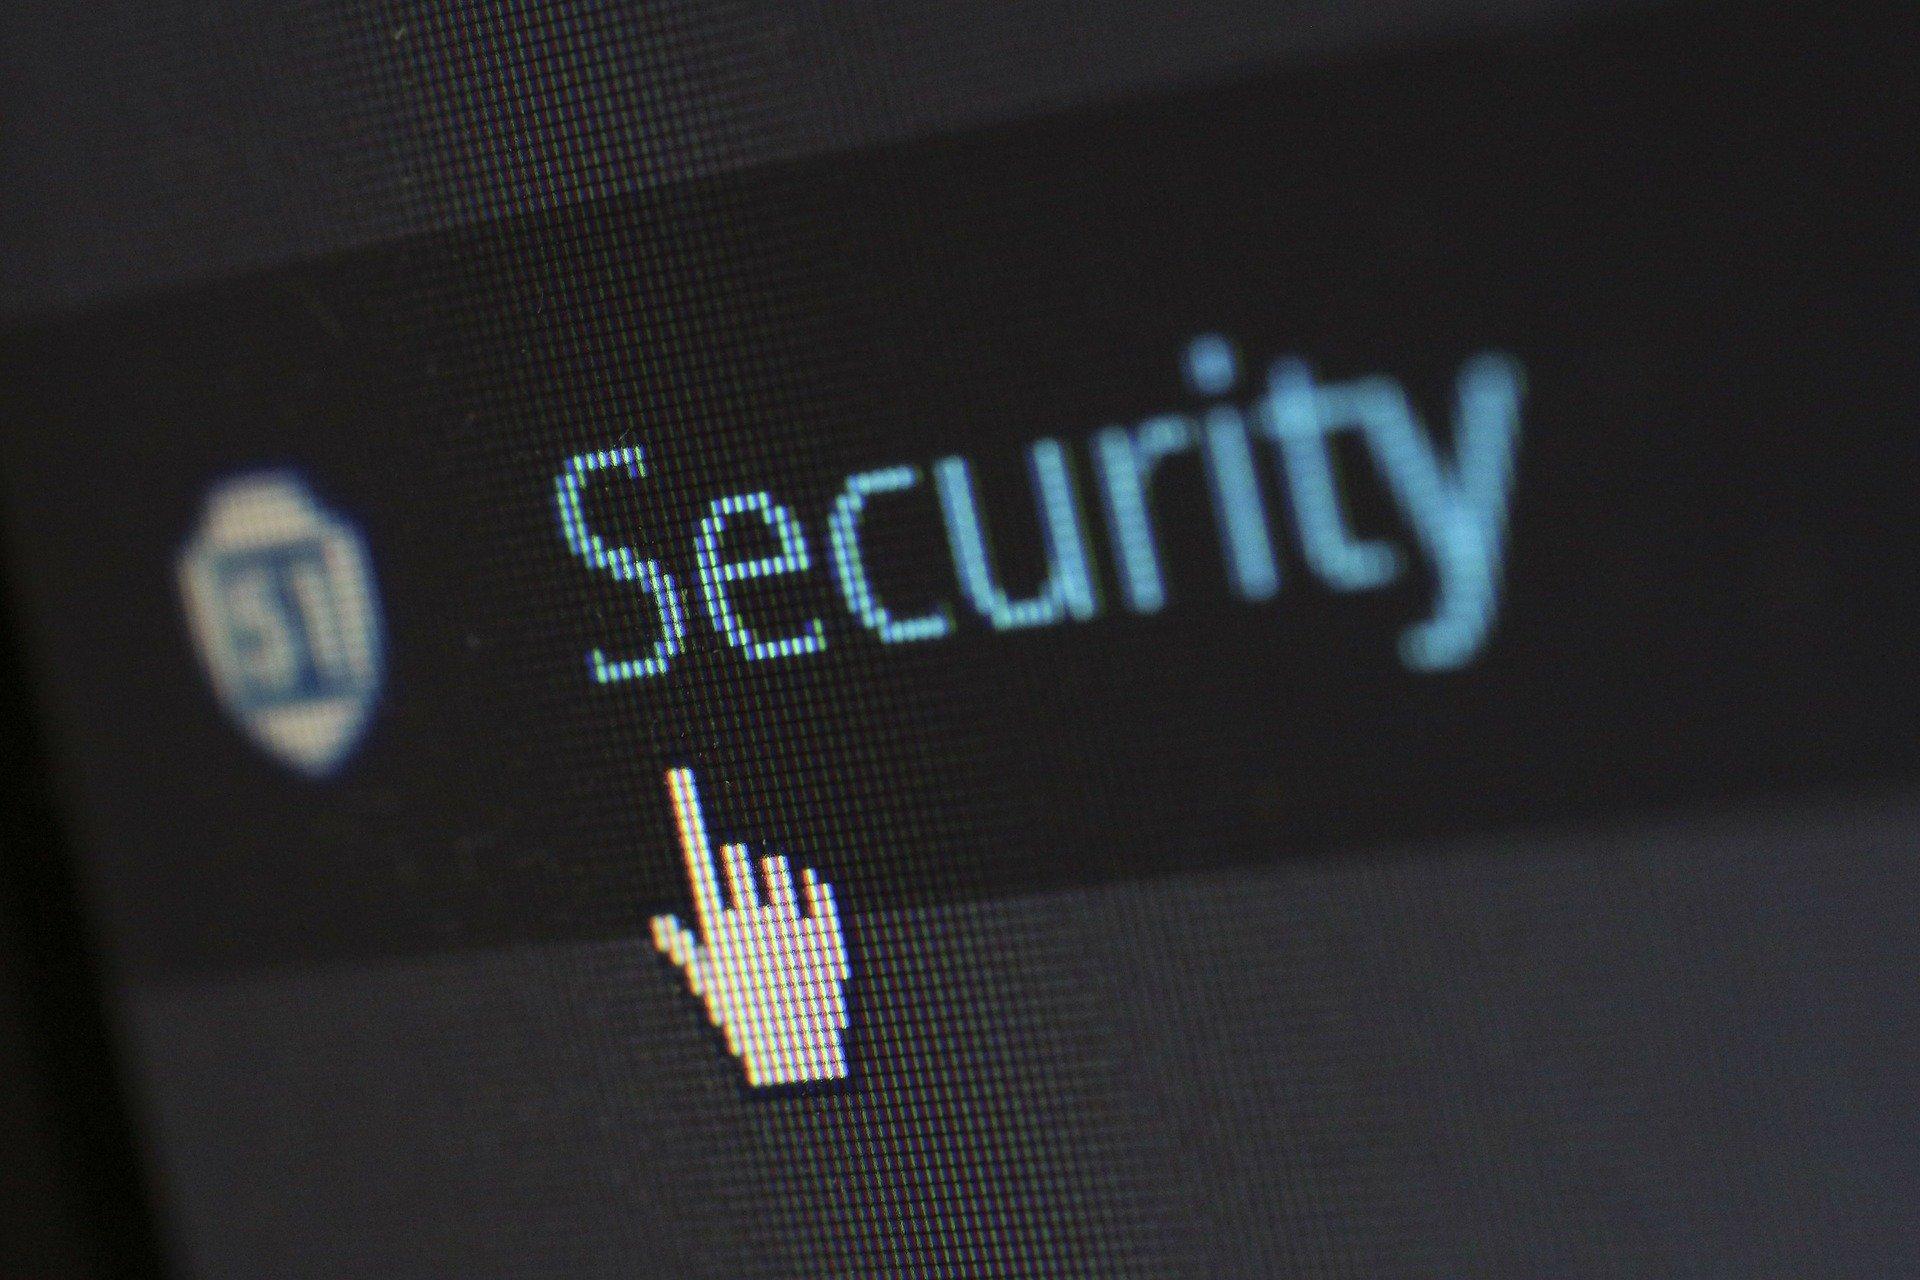 La Fondation Ethereum va mettre en place une équipe de sécurité interne pour l'ETH 2.0